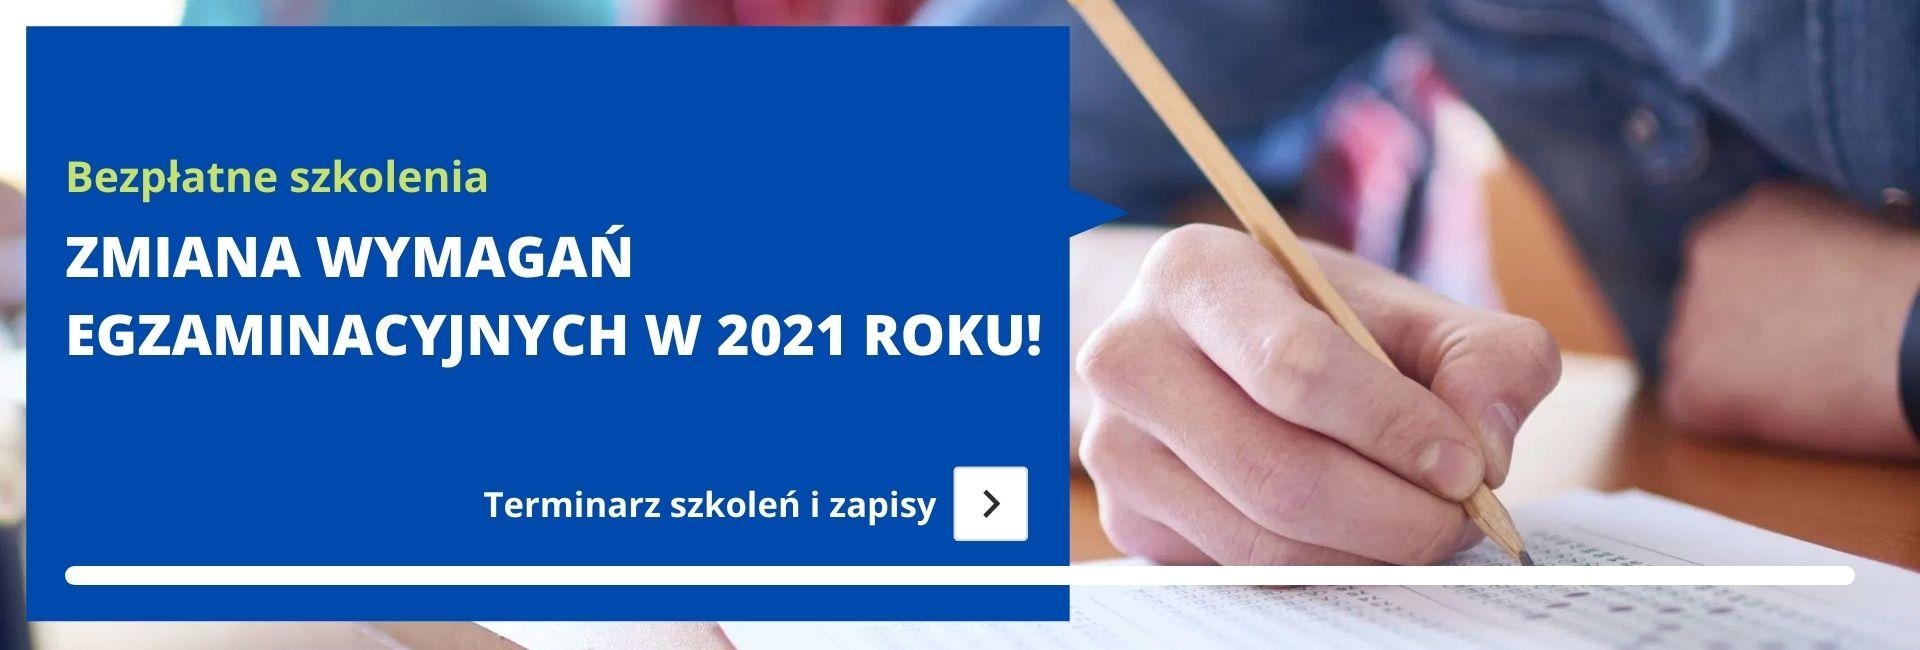 banner-ZMIANA_WYMAGA_EGZAMINACYJNYCH